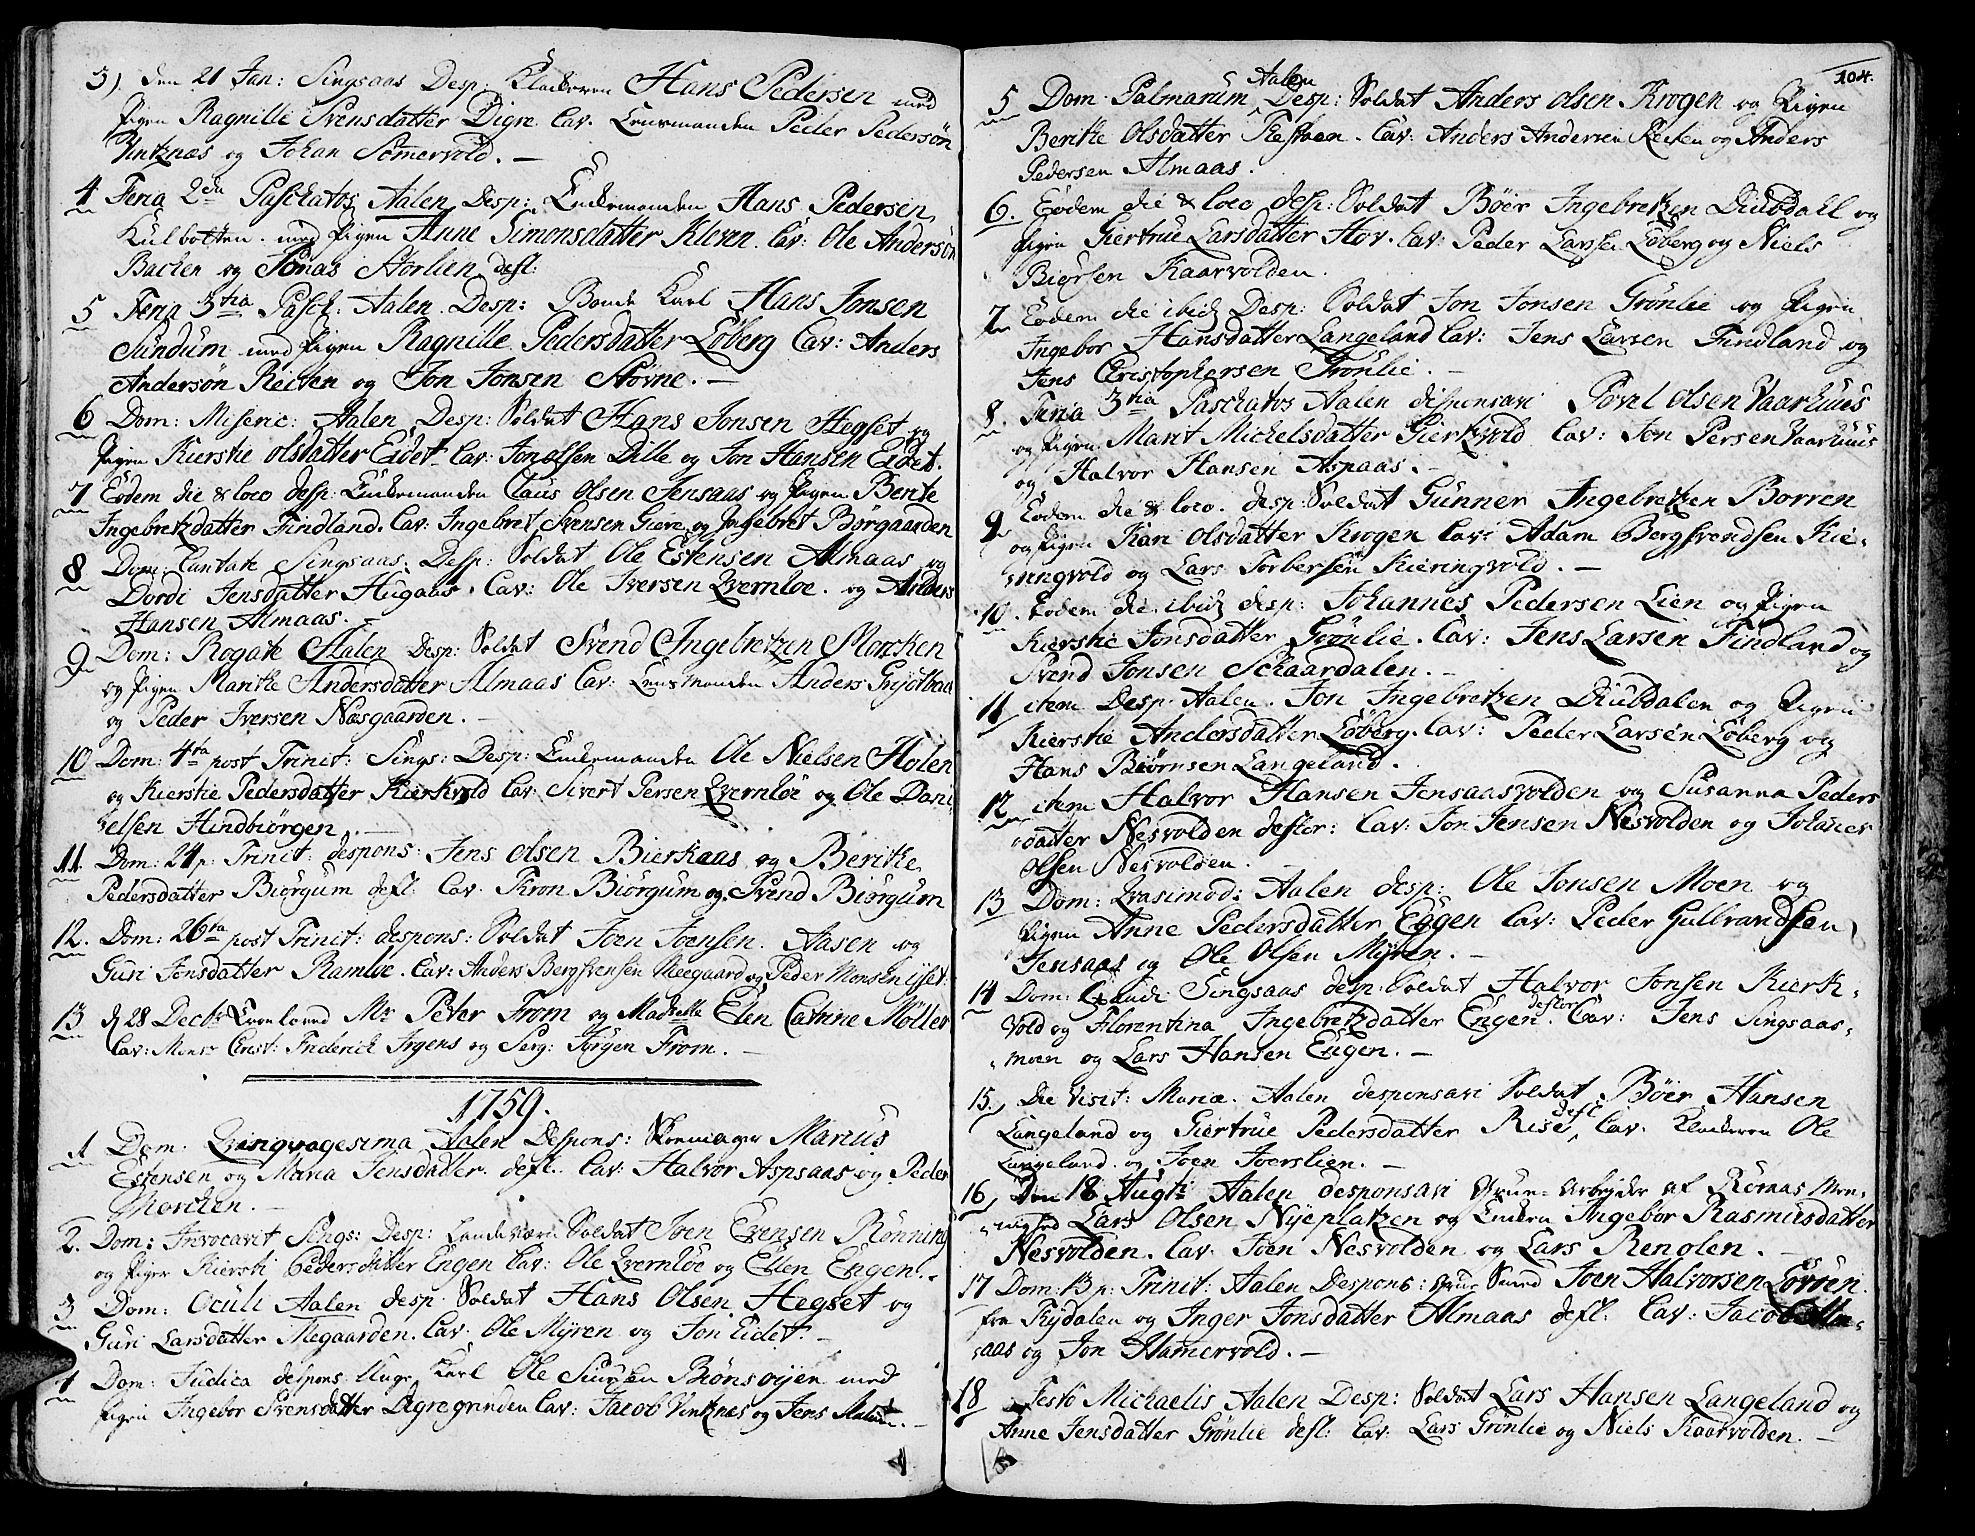 SAT, Ministerialprotokoller, klokkerbøker og fødselsregistre - Sør-Trøndelag, 685/L0952: Ministerialbok nr. 685A01, 1745-1804, s. 104